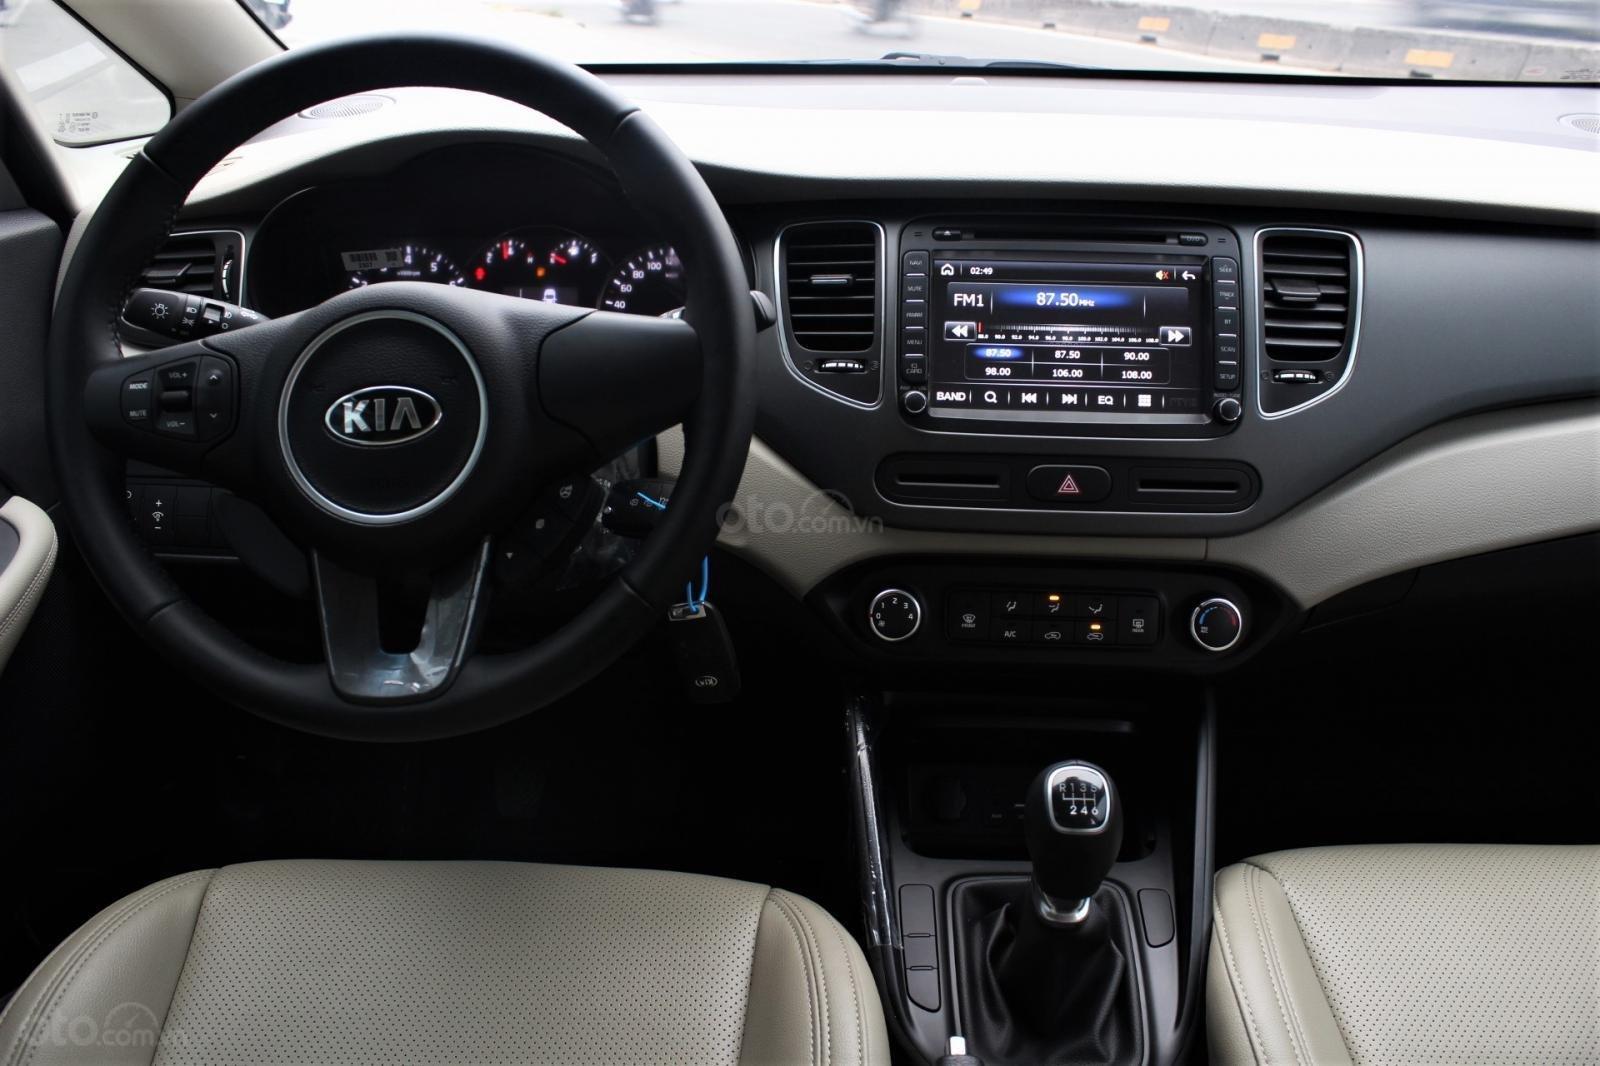 Bán Rondo 2019 - ưu đãi tốt nhất thị trường, gói bảo dưỡng xe, tặng bảo hiểm thân xe - ĐT: 0949820072-3